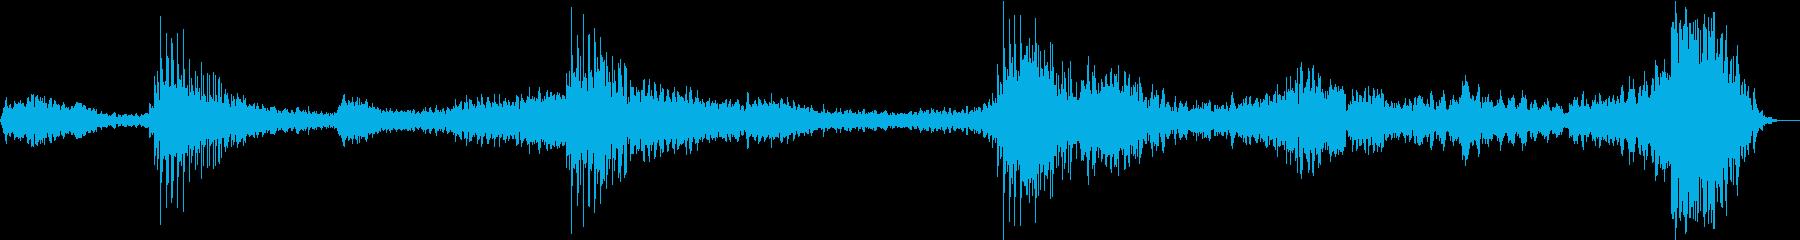 【ホラー】 【映画】 迷いの再生済みの波形